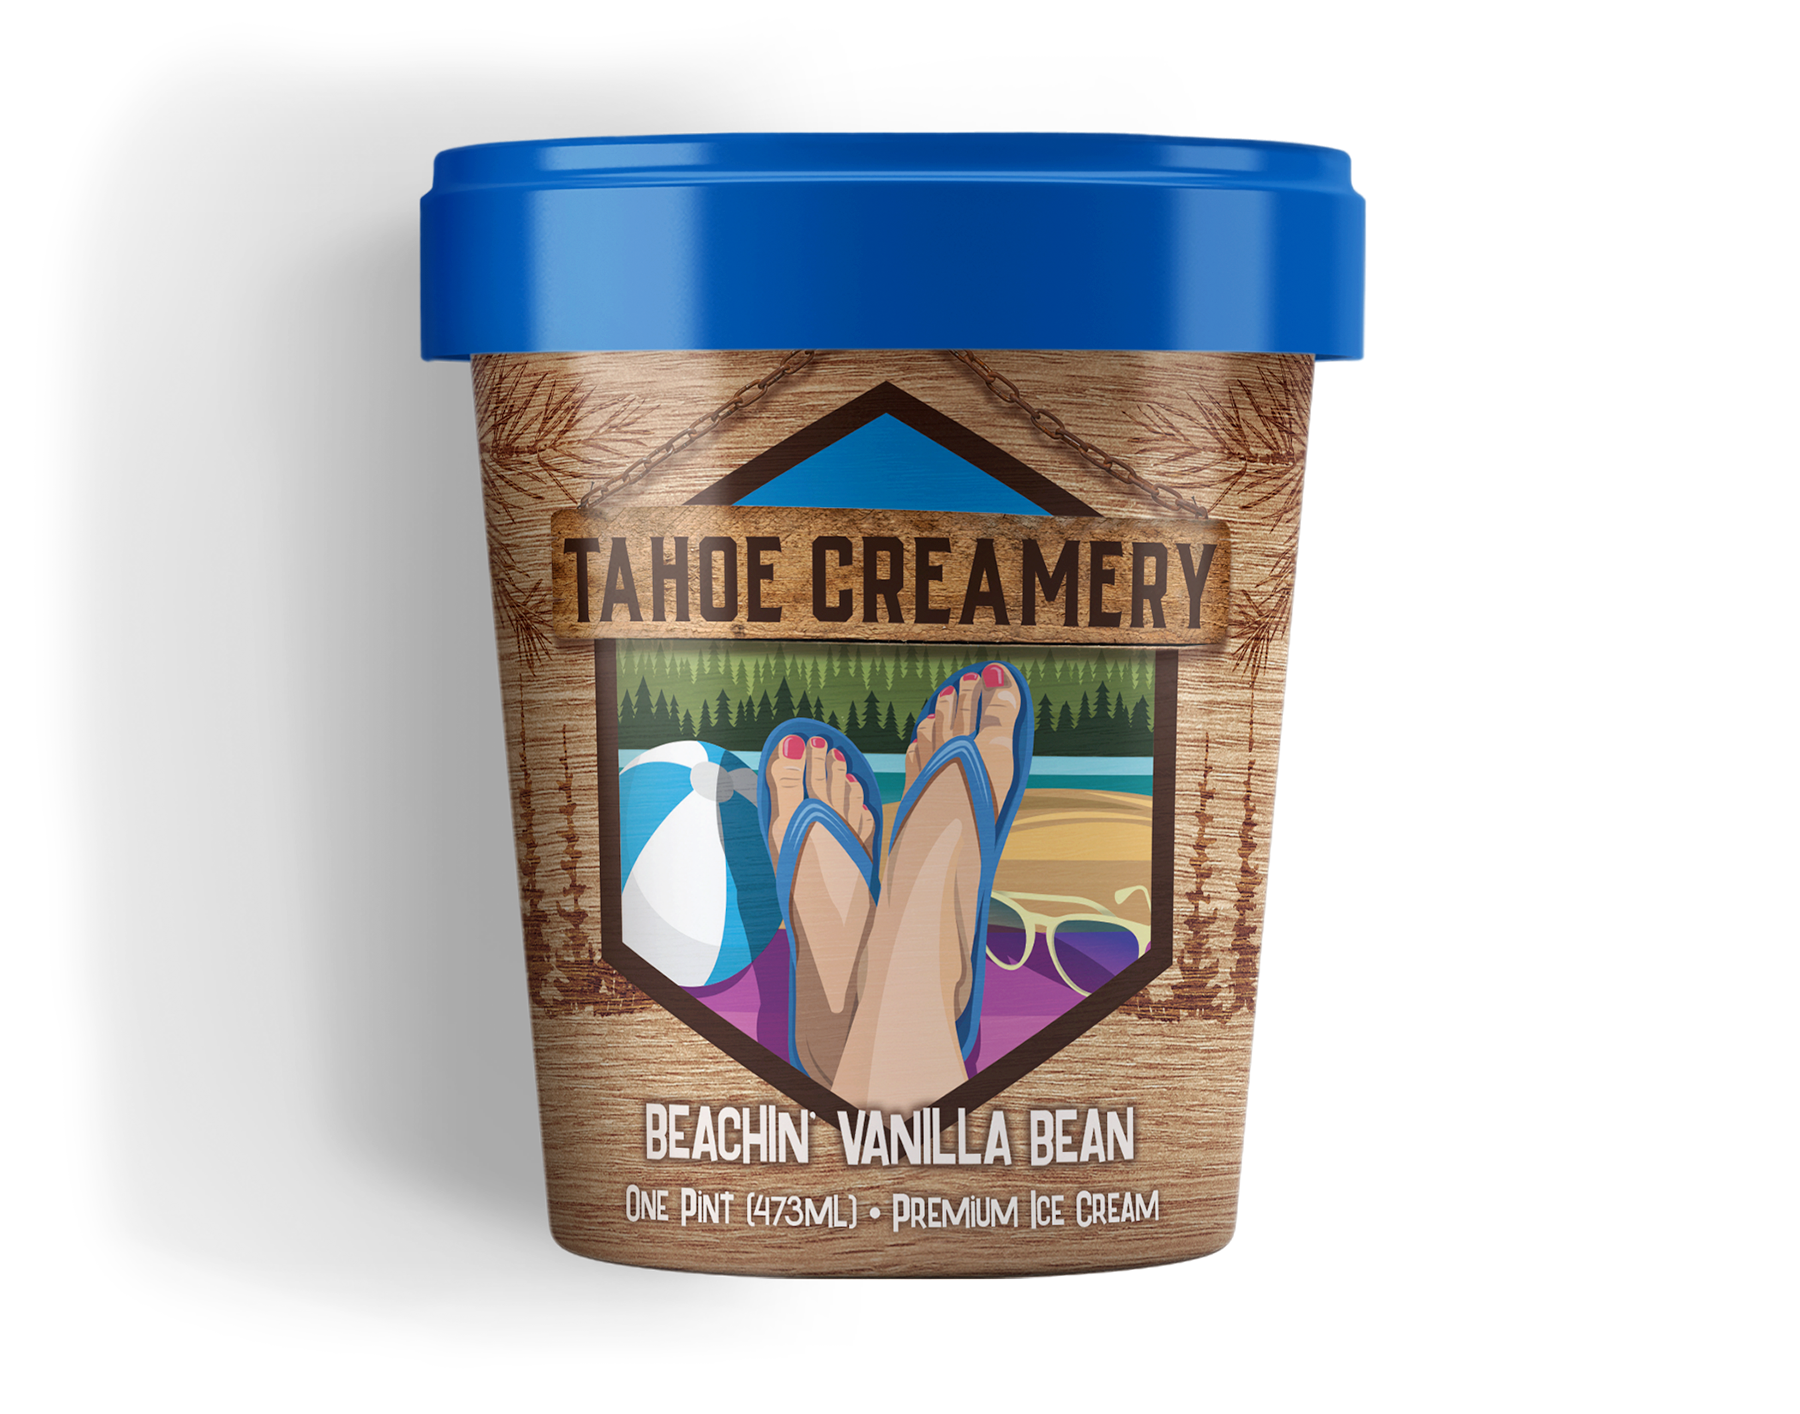 Beachin' Vanilla Bean